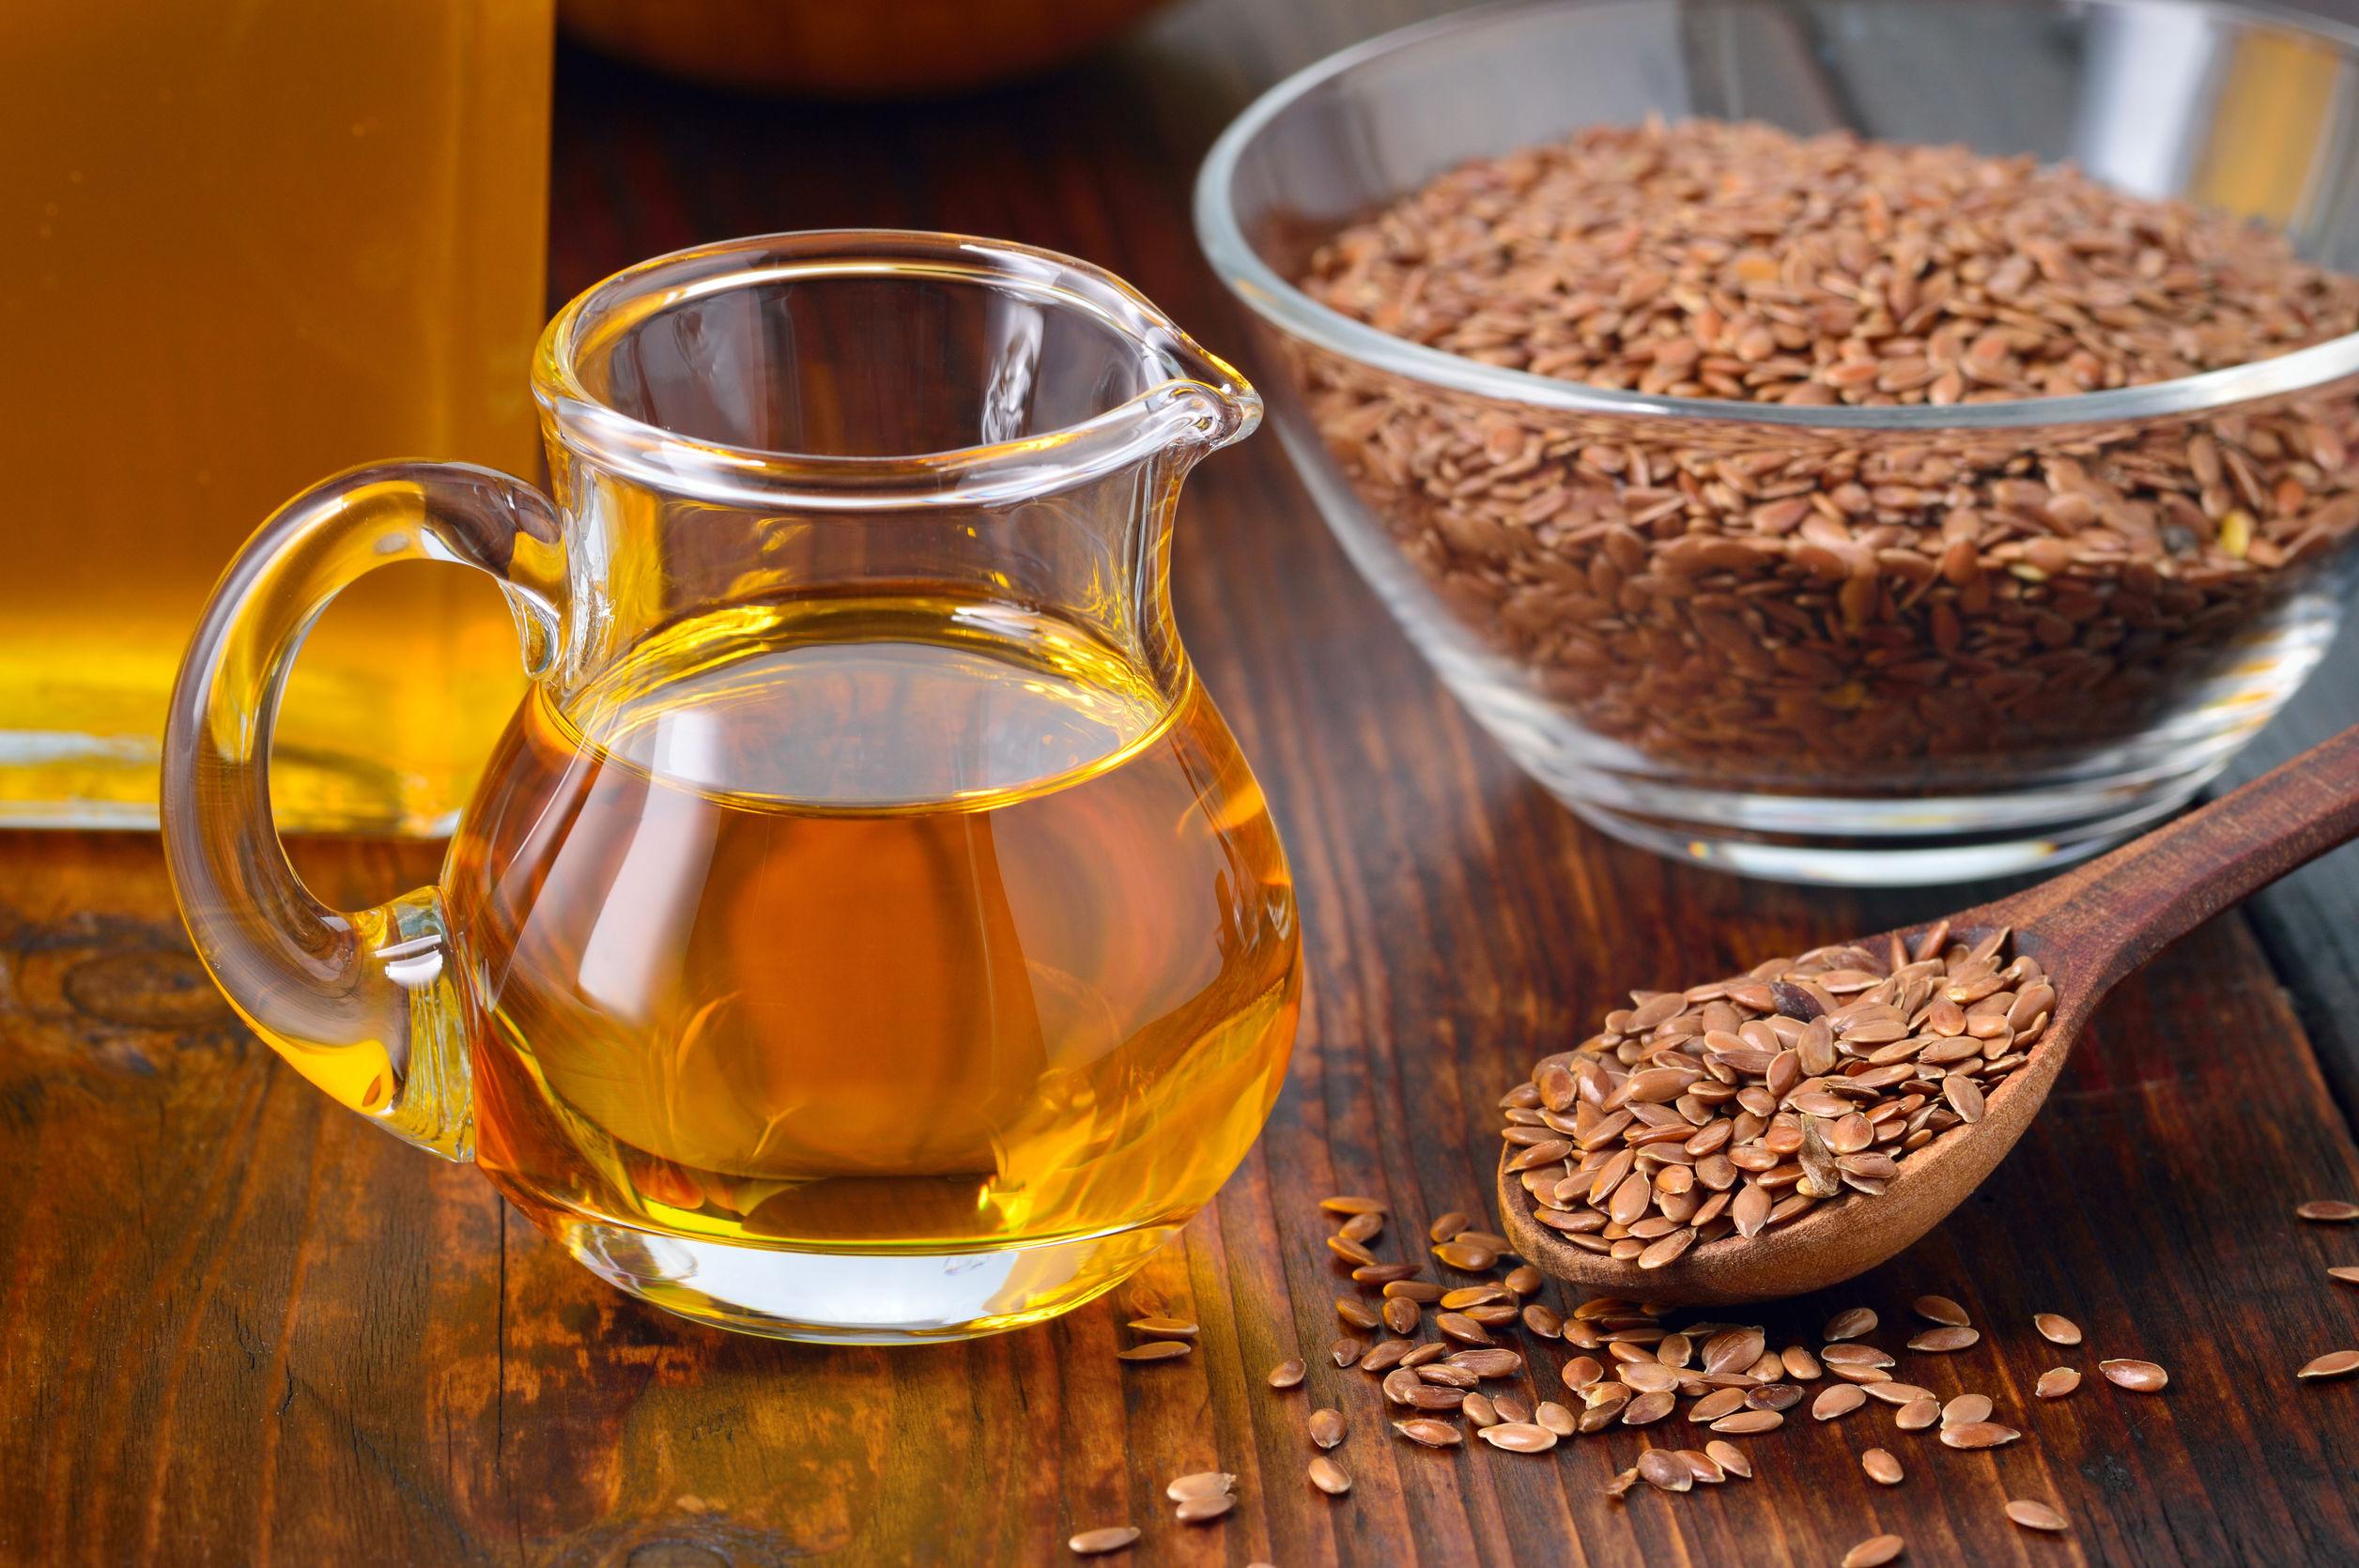 Foto de uma jarra de vidro pequena com óleo de linhaça, ao lado de unha vasilha e de uma colher de pau, ambas com semente de linhaça. Todos os objetos estão em cima de uma superfície de madeira.